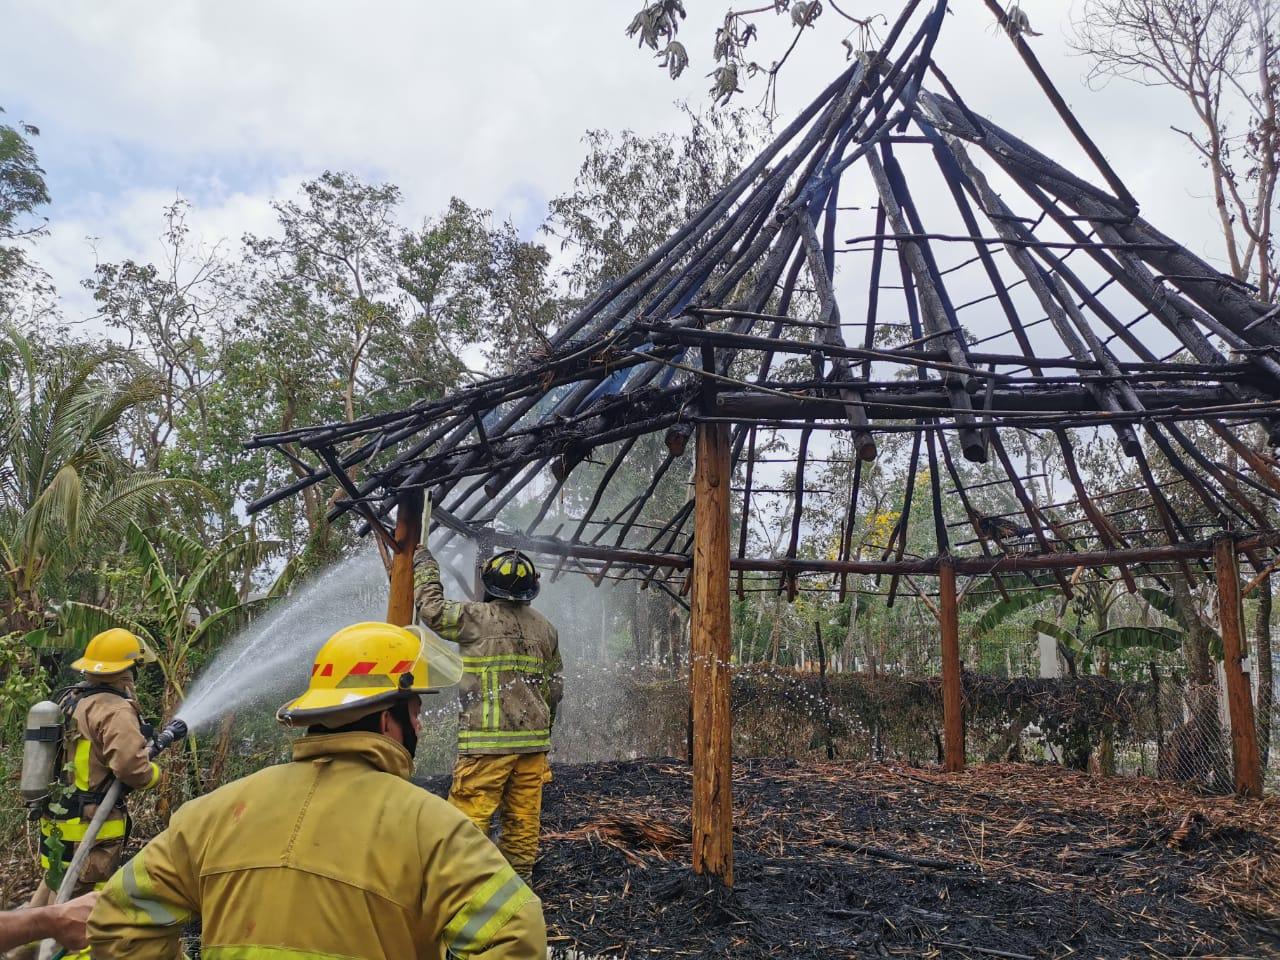 Bomberos extinguen incendio en un predio de la colonia Huertos Familiares de Cozumel